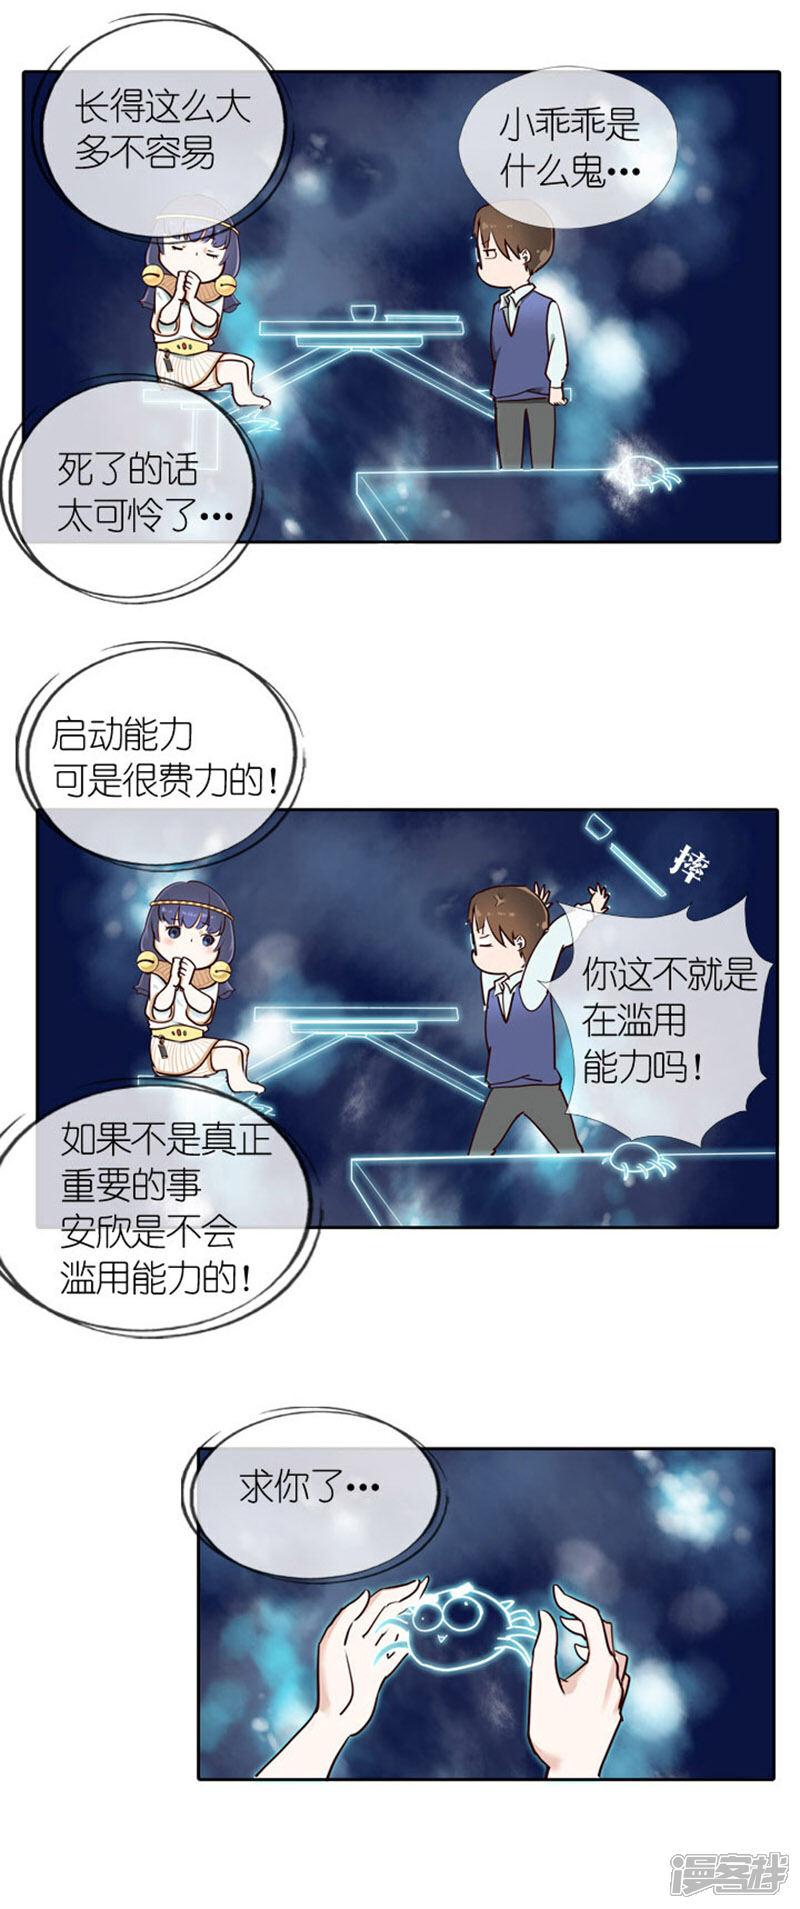 漫画帮帮忙全彩第5话-漫老婆仔中文祖先客栈漫画图片